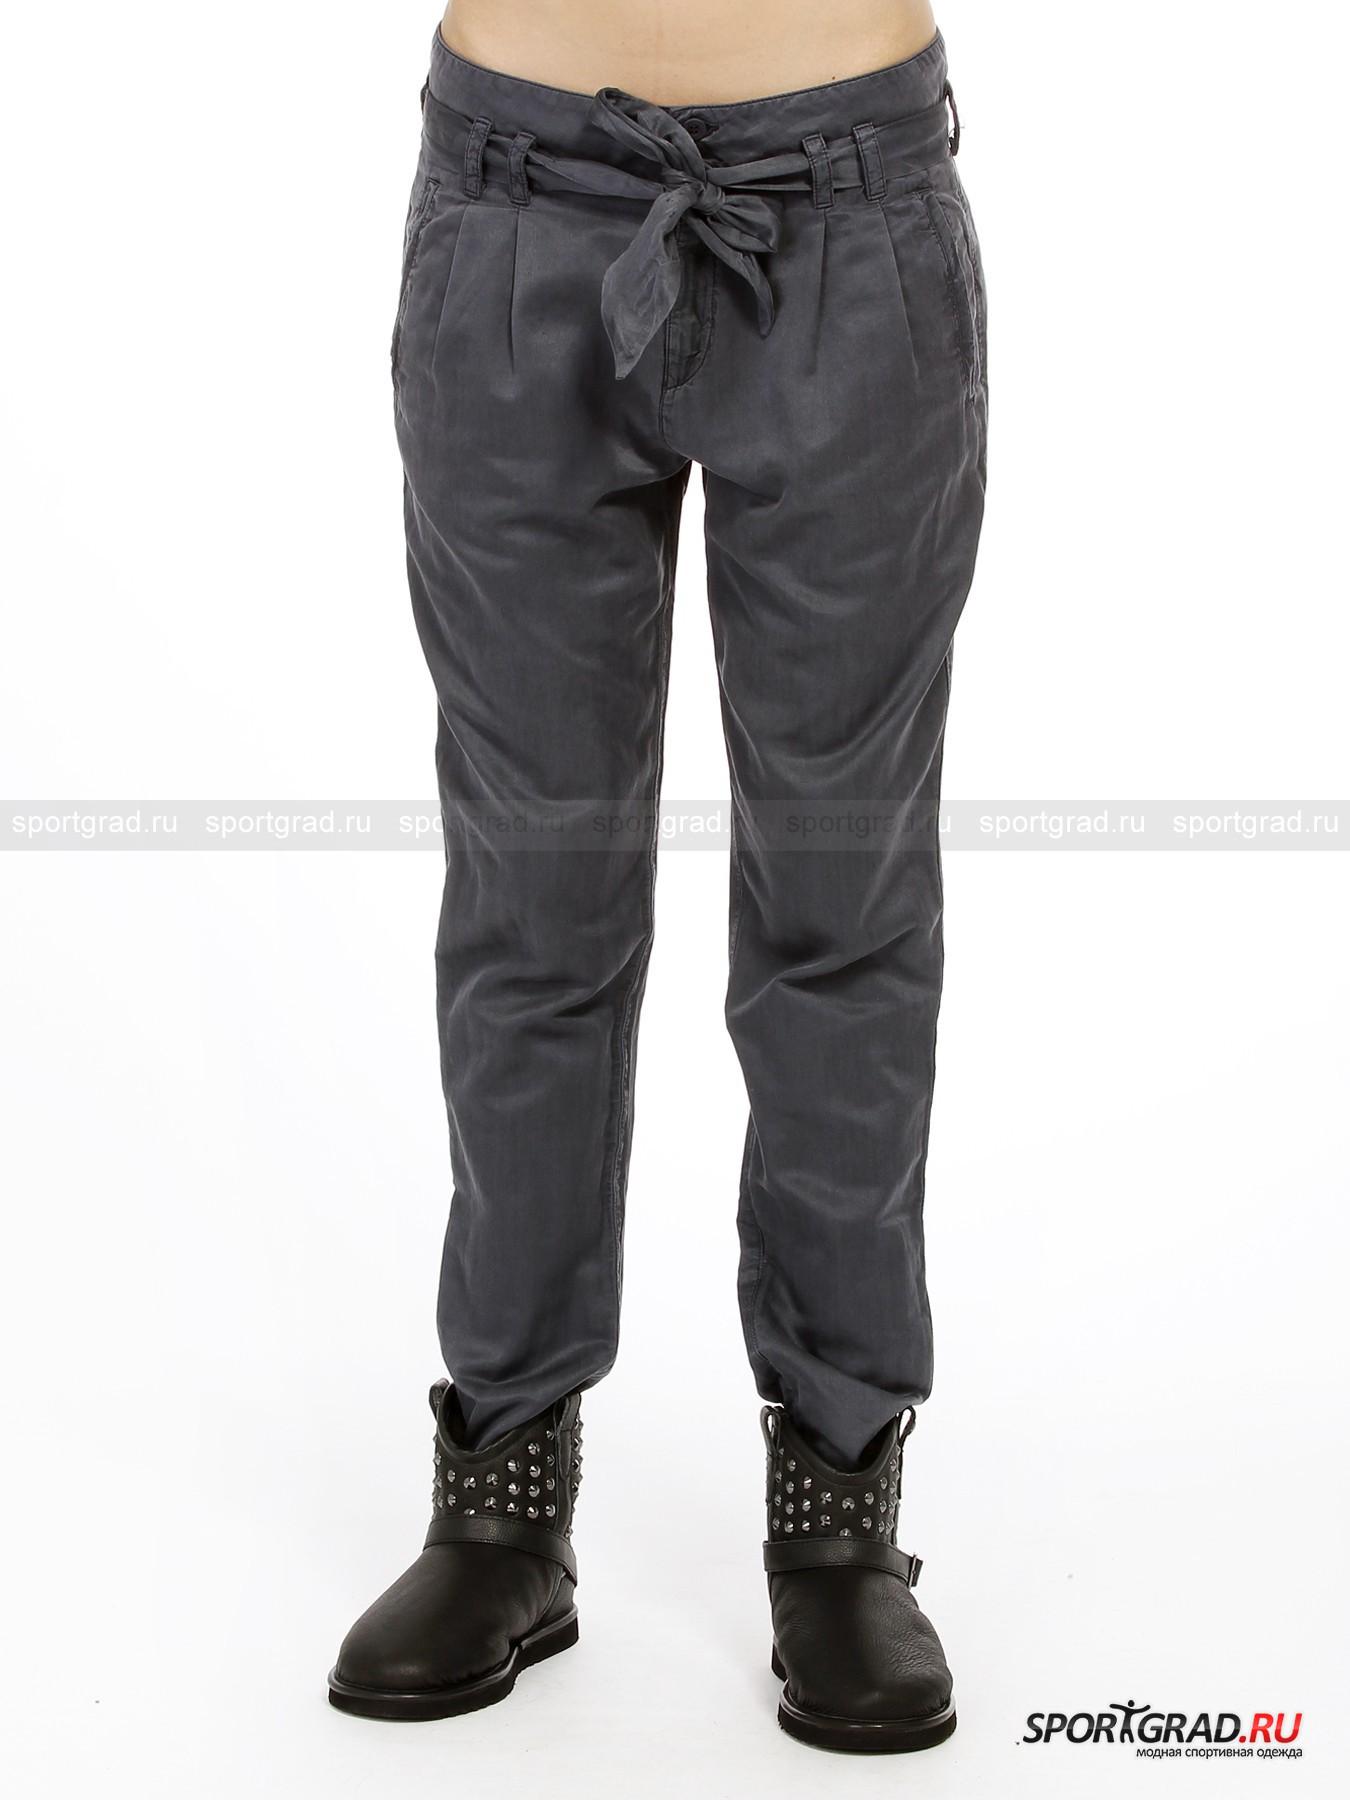 Брюки женские Pants with belt DEHAБрюки<br>Стильные женские брюки Pants with belt DEHA из тонкого, струящегося материала, отлично сочетающегося с модными футболками и элегантными легкими джемперами. Эти симпатичные брюки подойдут и для работы, и для городского отдыха.<br><br>Ткань, из которой сделаны брюки, почти наполовину состоит из шелка, что придает модели красивый атласный отблеск и гладкую, приятную на ощупь текстуру. Благодаря зауженному крою брюки чудесно сидят, подчеркивая фигуру.<br><br>Особенности модели:<br>- застежка-молния и две пуговицы;<br>- петли для ремня;<br>- пояс-лента;<br>- два кармана;<br>- небольшие отвороты внизу штанин;<br>- фирменная шлевка с надписью DEHA.<br><br>Пол: Женский<br>Возраст: Взрослый<br>Тип: Брюки<br>Рекомендации по уходу: стирка в теплой воде до 30 С; не отбеливать; гладить слегка нагретым утюгом (температура до 110 C); только сухая чистка; нельзя выжимать и сушить в стиральной машине<br>Состав: Основной материал: 60% хлопок, 40% шелк.